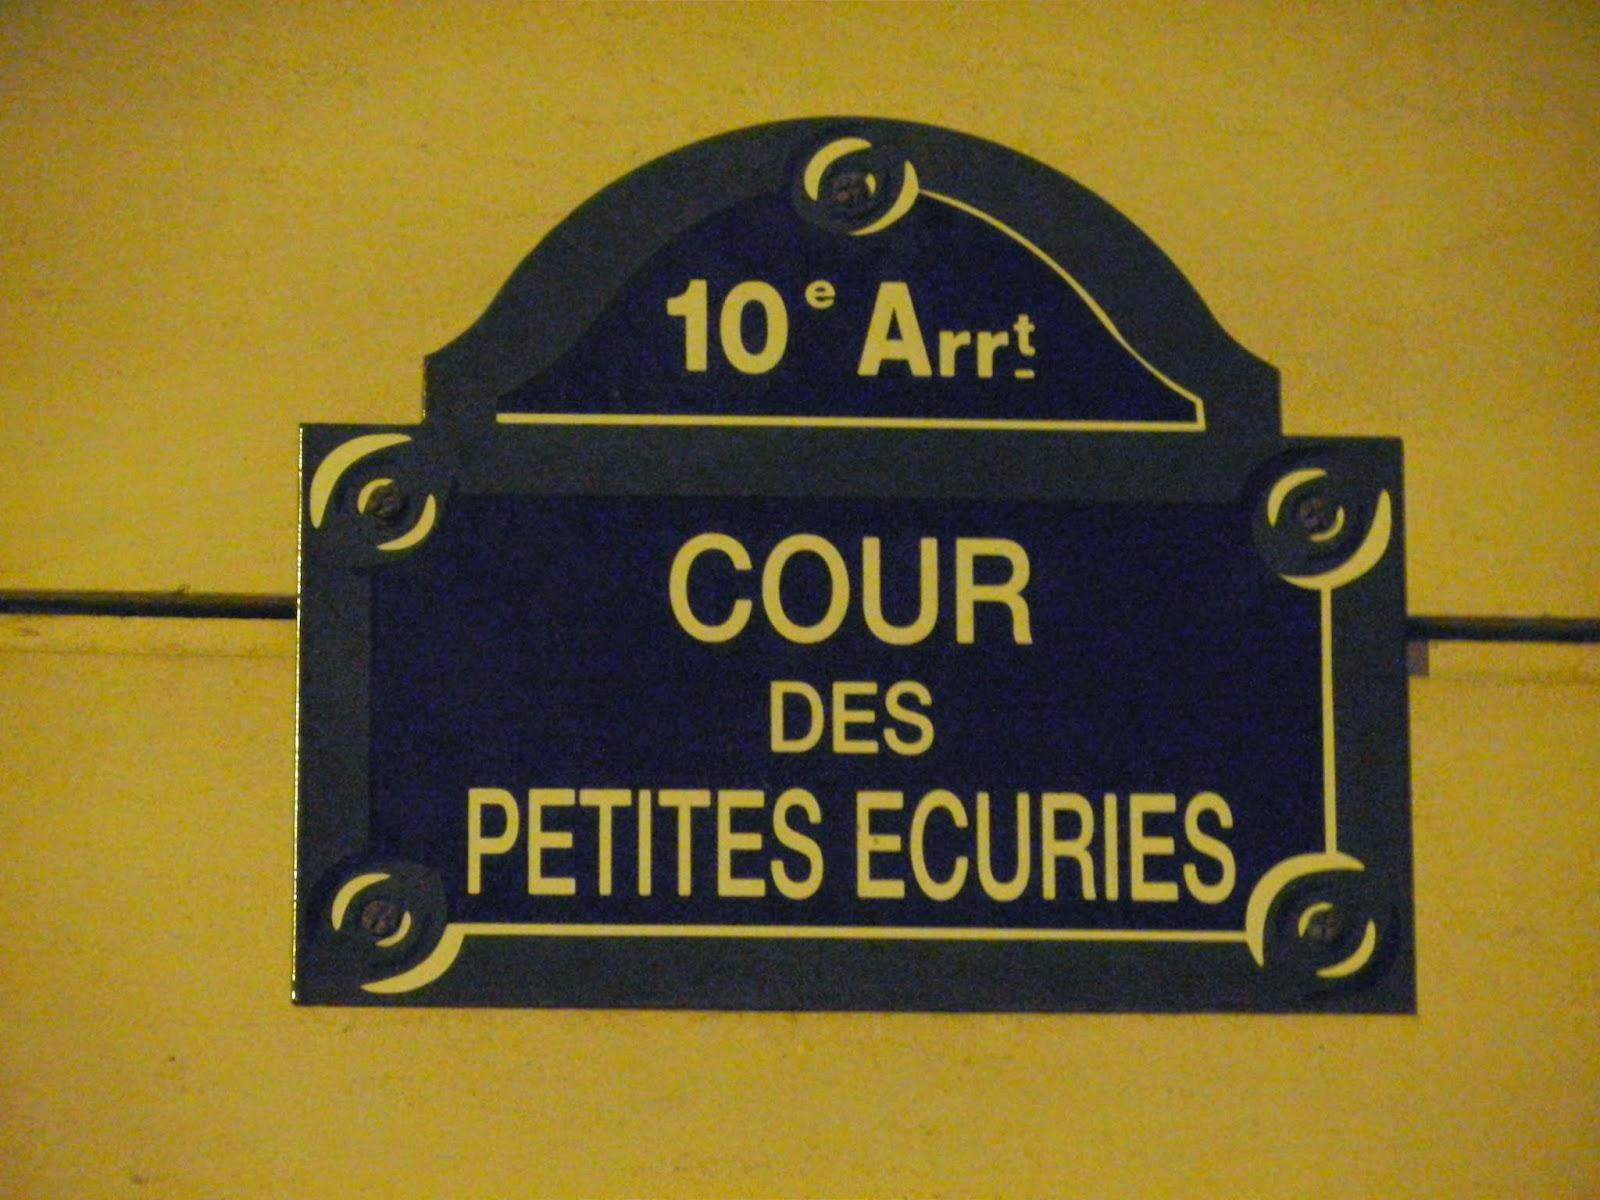 Cour des Petites Ecuries; Paris